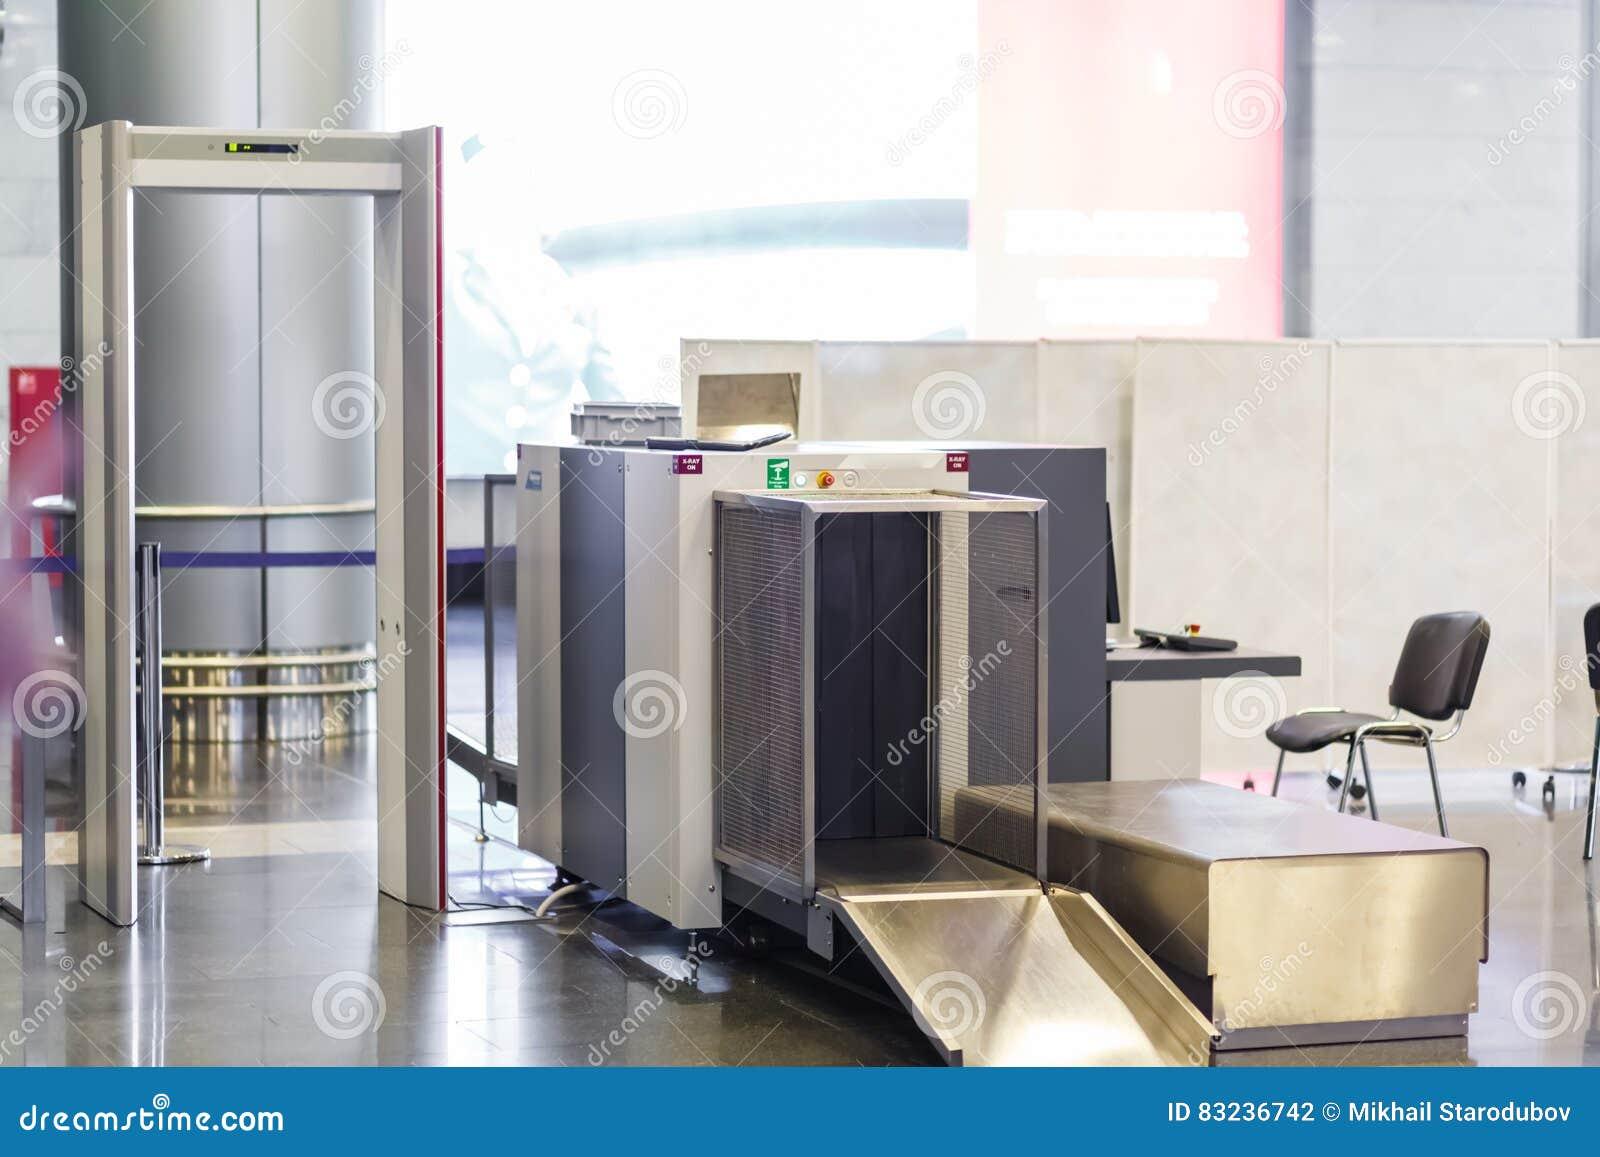 Ponto de verificação da segurança aeroportuária com detector de metais